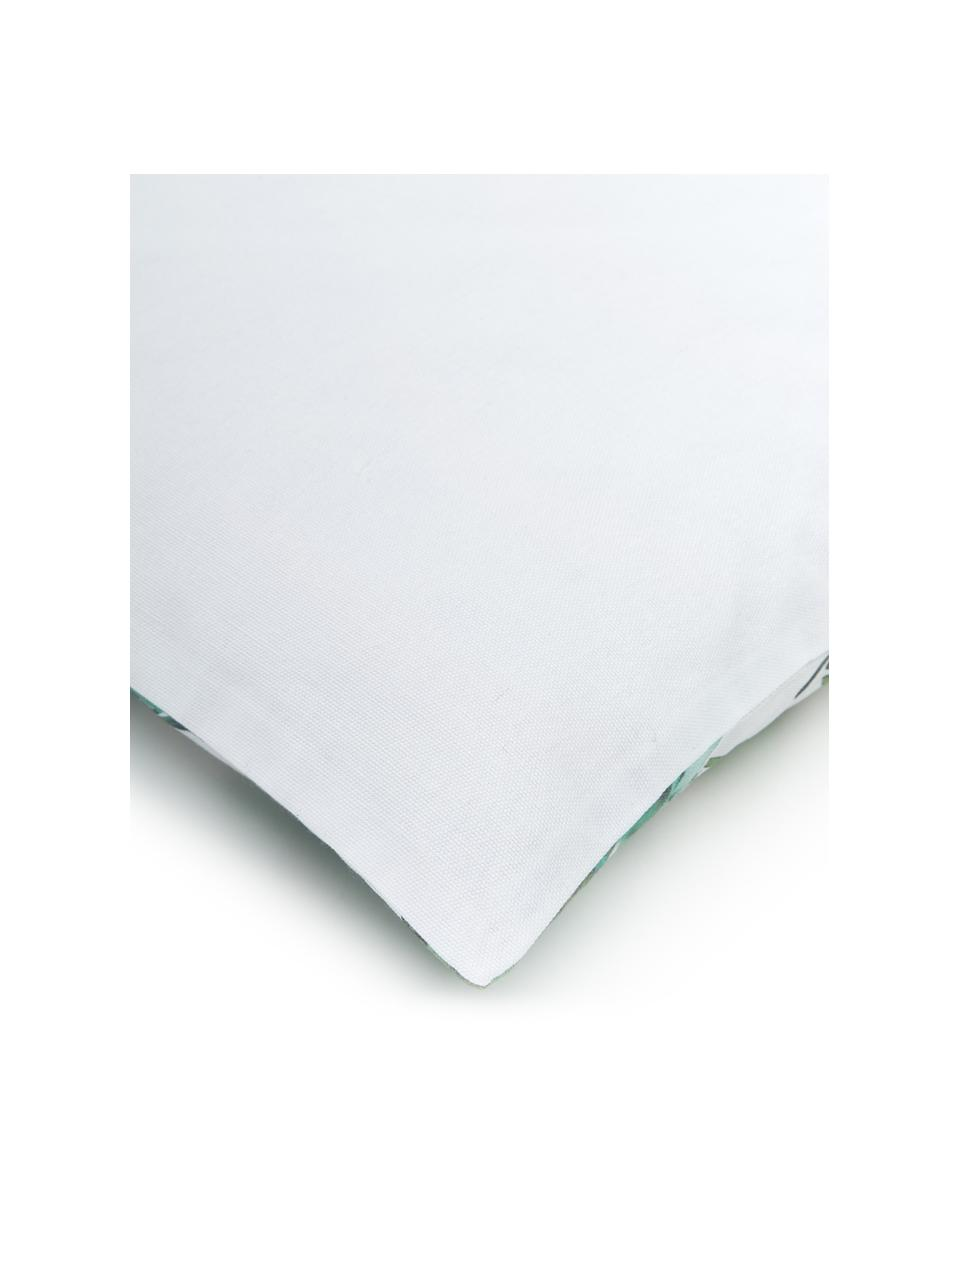 Kissenhülle Shade mit Blättermotiven, 100% Baumwolle, Grün, Weiß, 45 x 45 cm